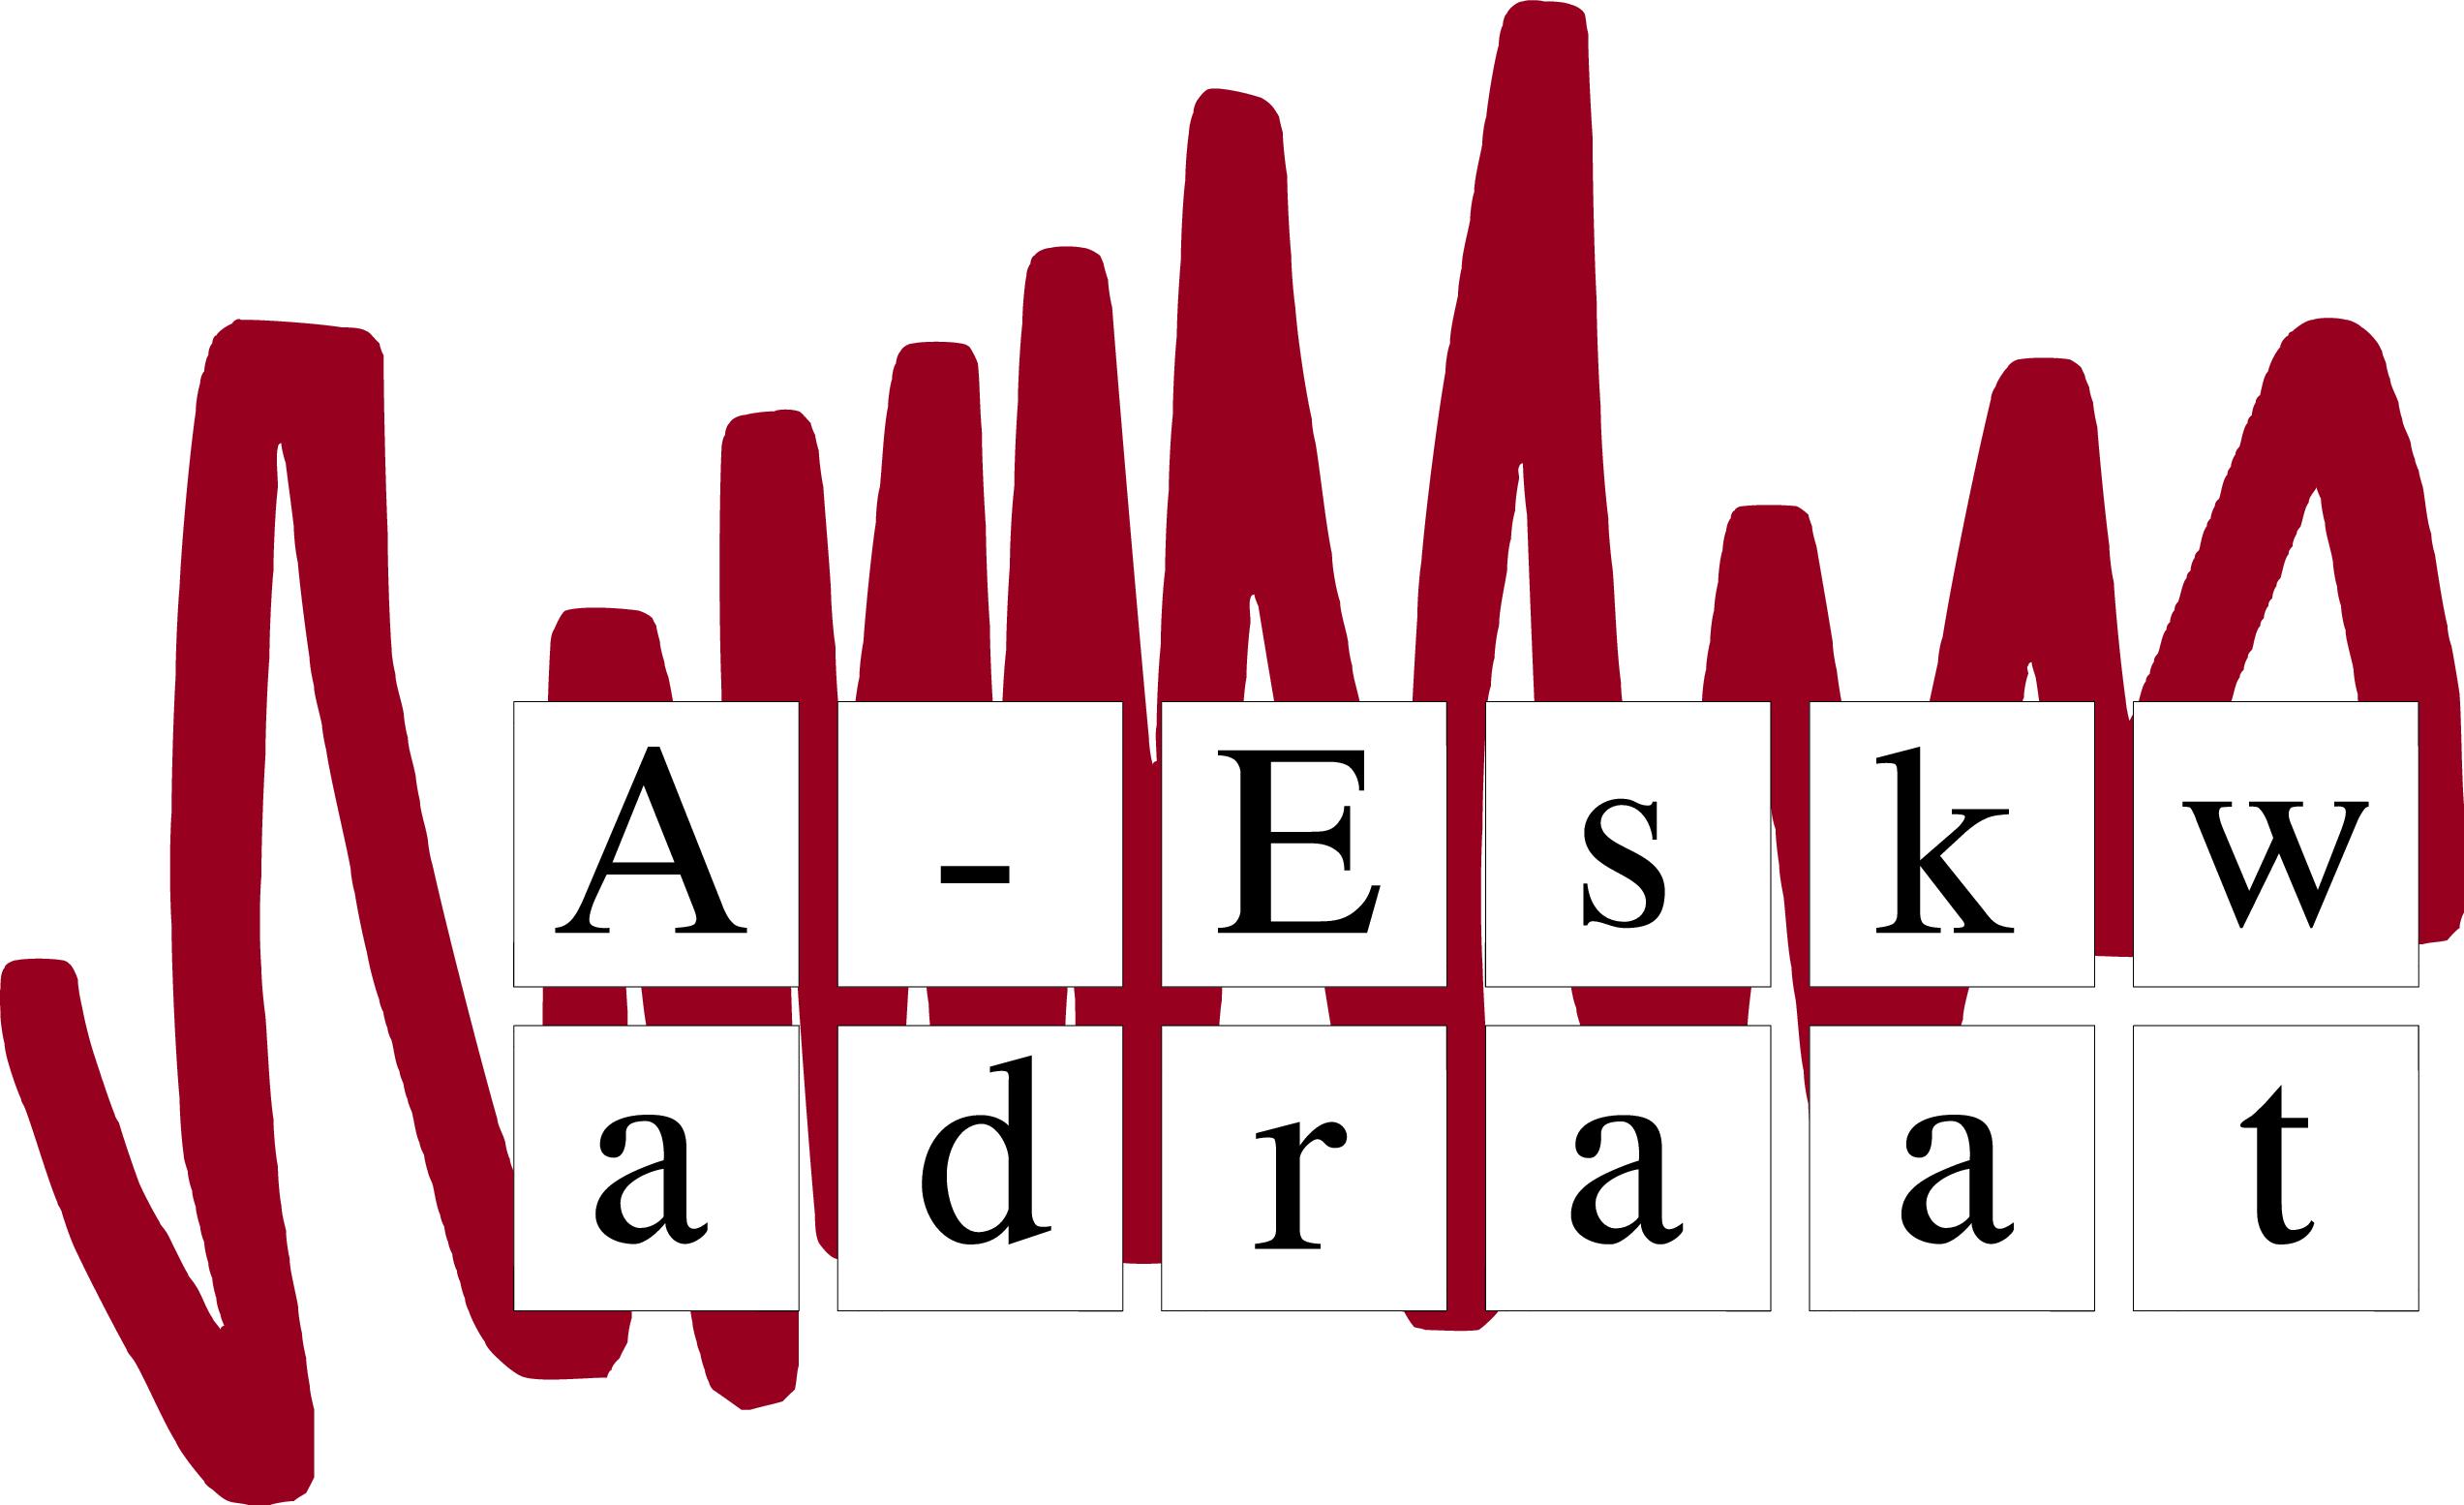 A-Eskwadraat